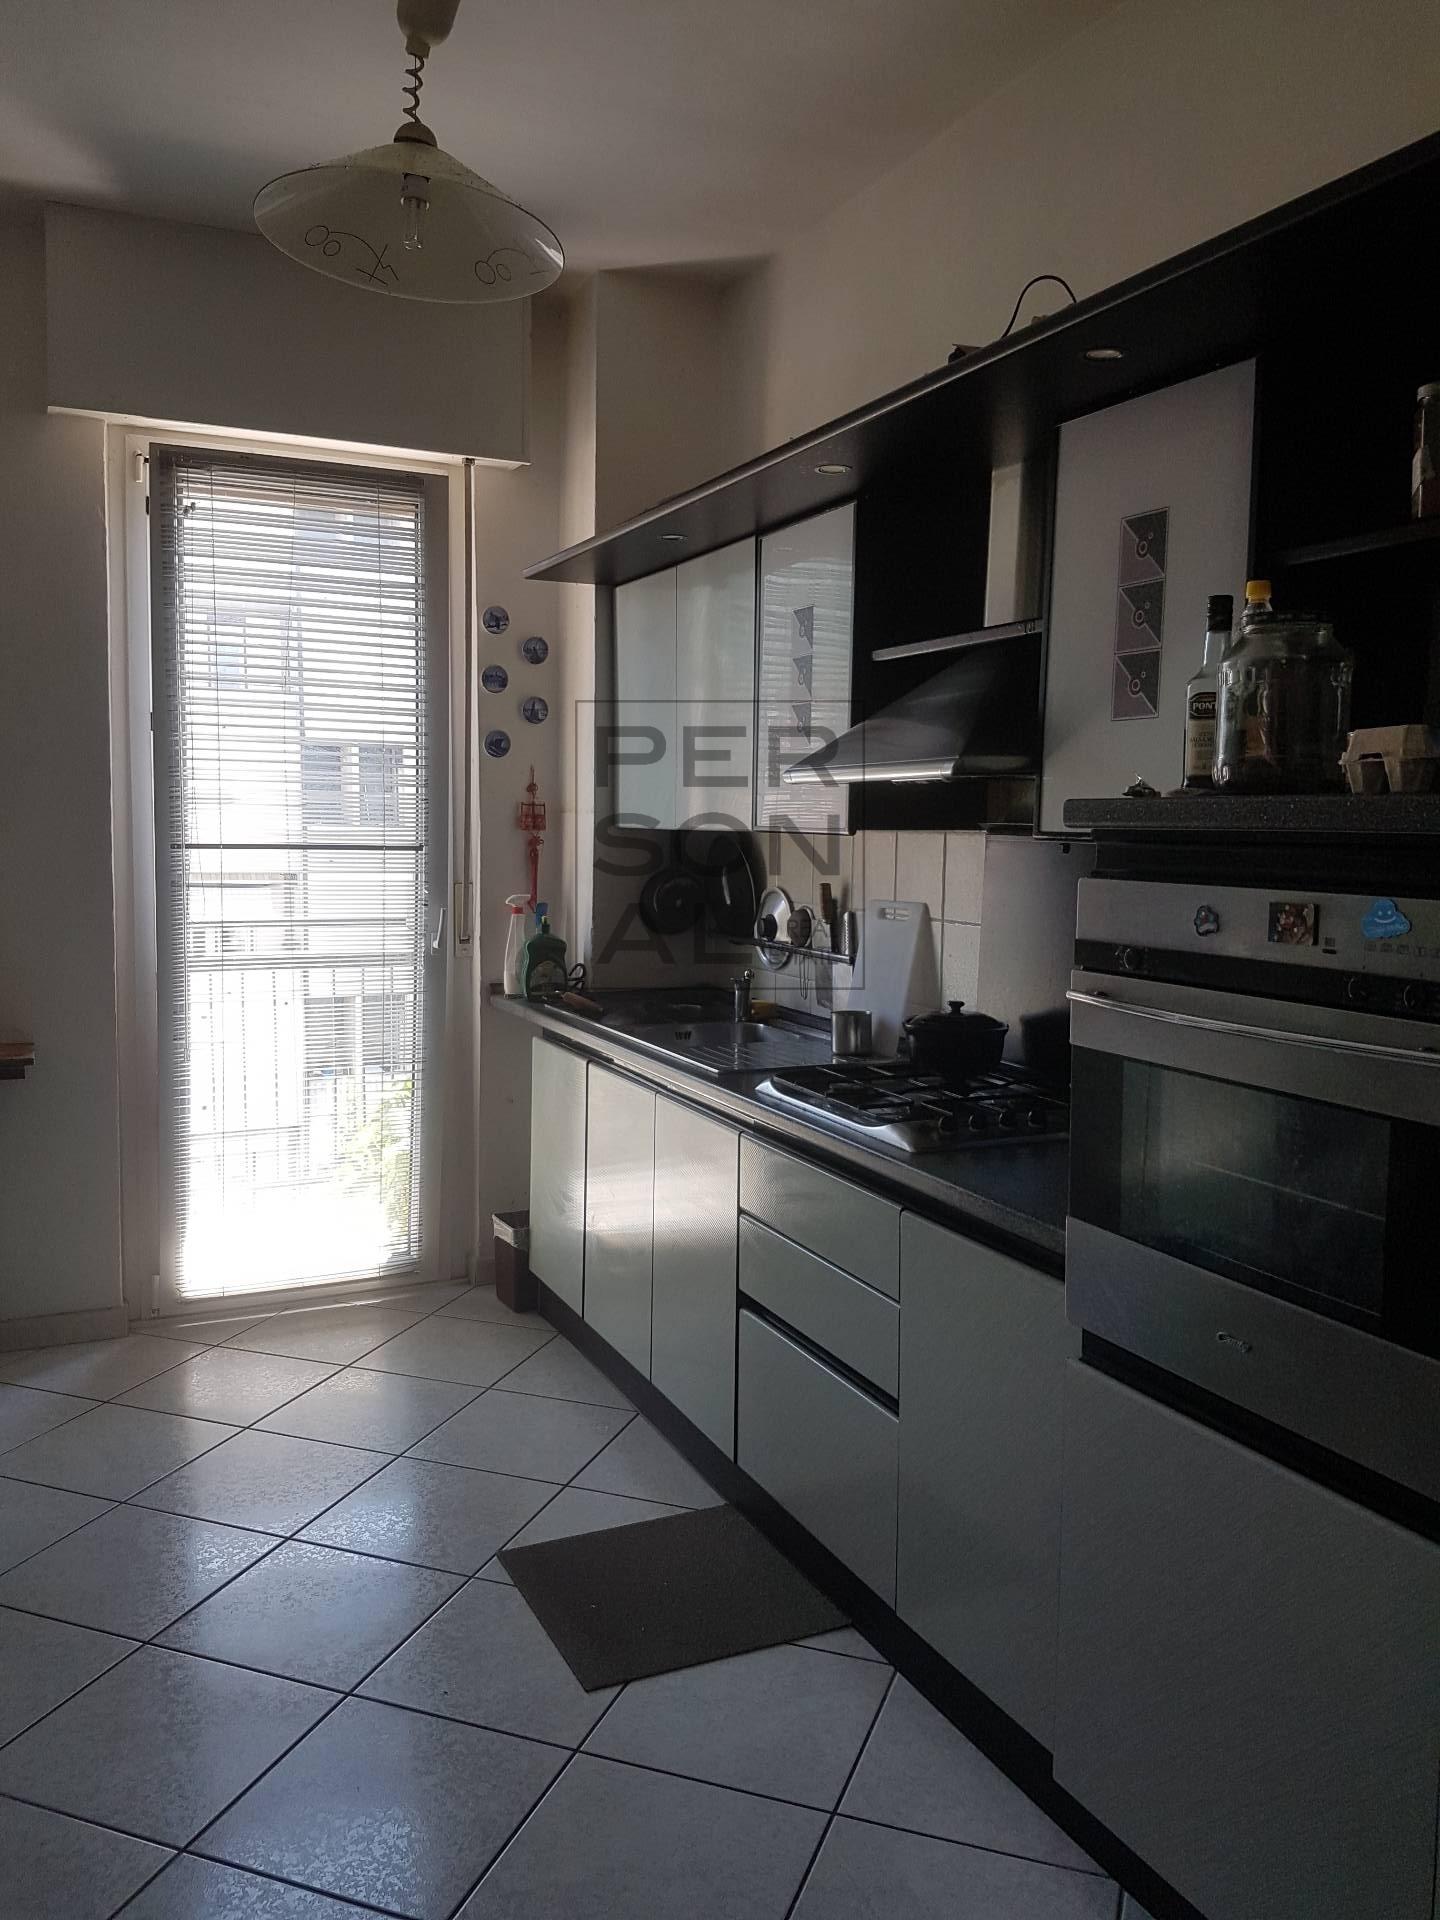 Appartamento in vendita a Lavis, 3 locali, prezzo € 215.000 | CambioCasa.it